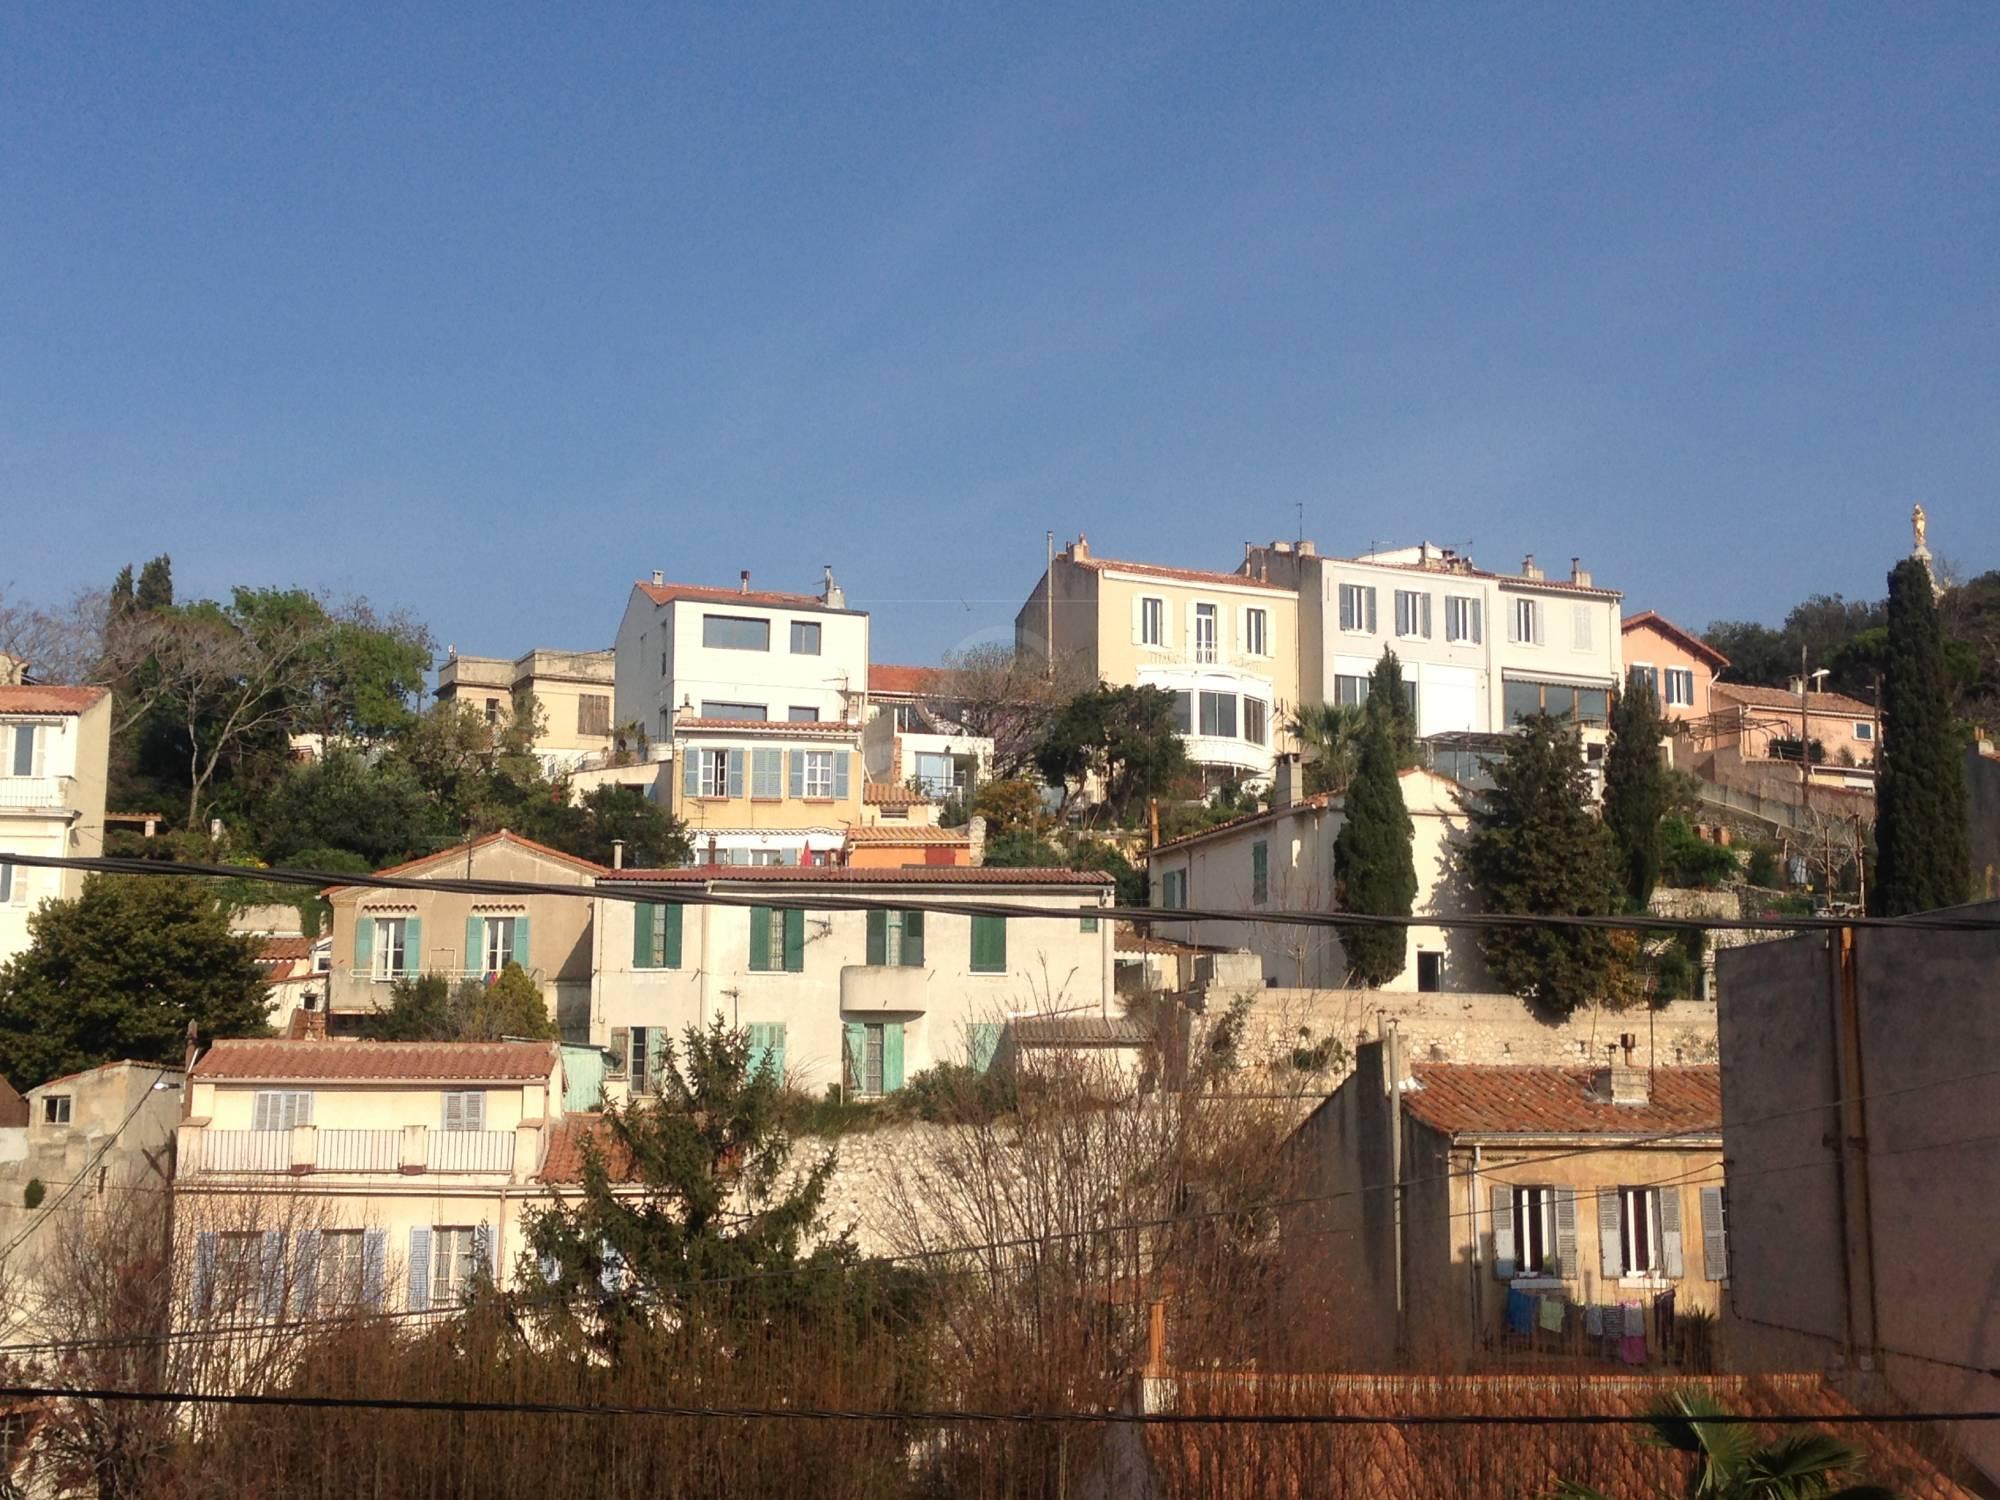 Vente Maison T2 F2 Marseille 7eme Endoume Terrasse Vue